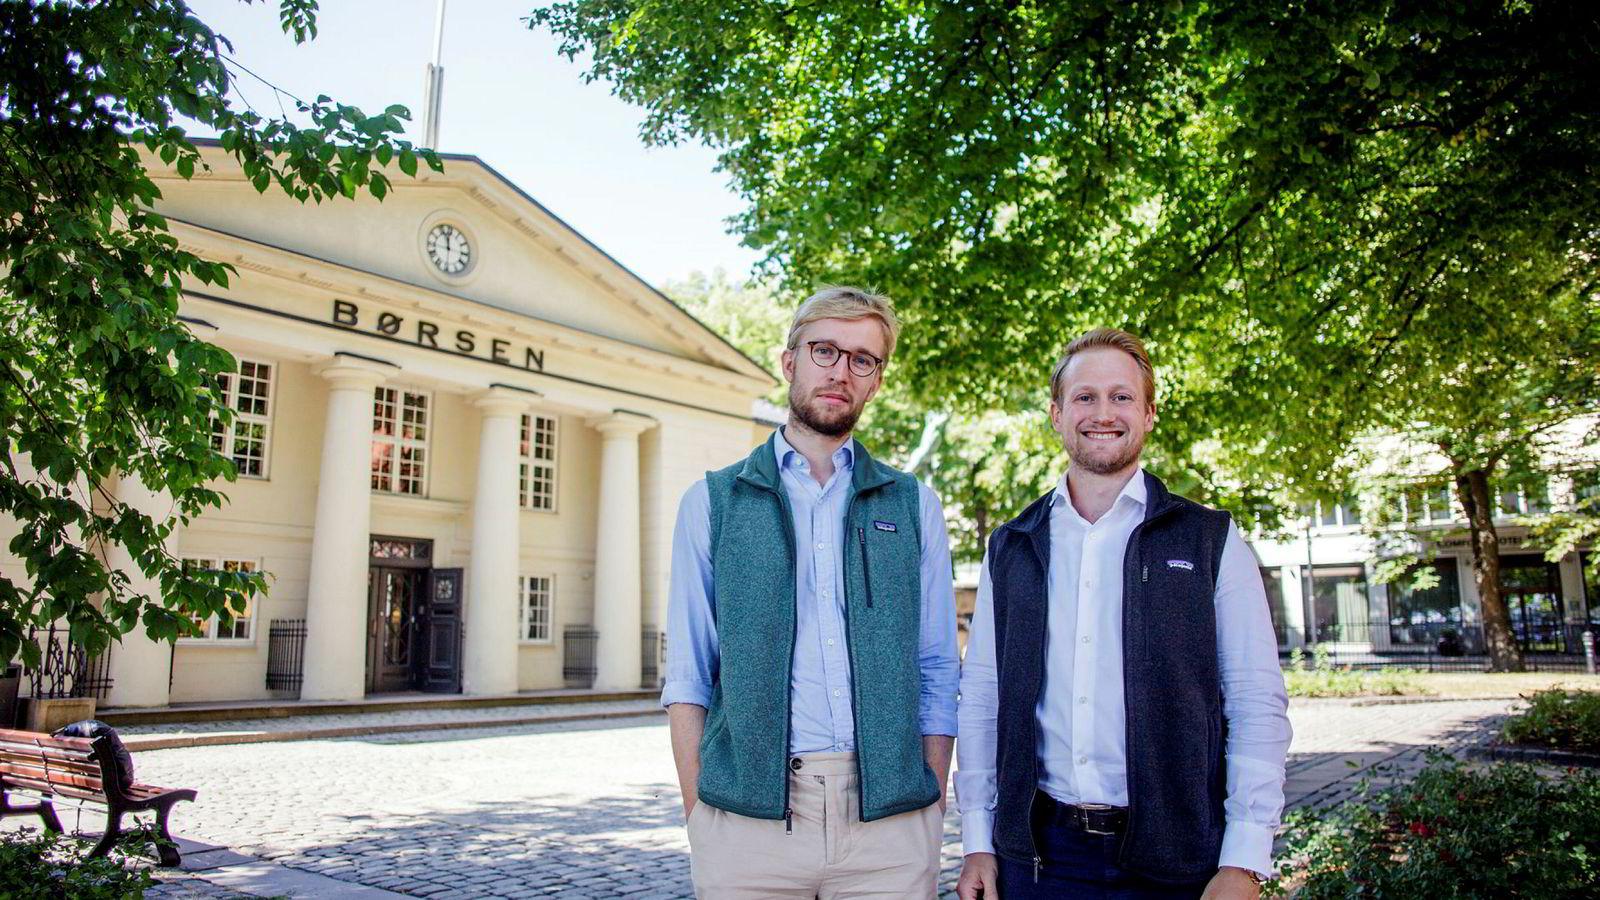 Da NHH-studentene Jørund Norang (til venstre) og Fridrik Røssland Agustsson analyserte de 737 aksjene som har vært notert på Oslo Børs siden 1985 fant de at kun tre av syv klarte å levere høyere avkastning enn risikofri rente i løpet av sin levetid.